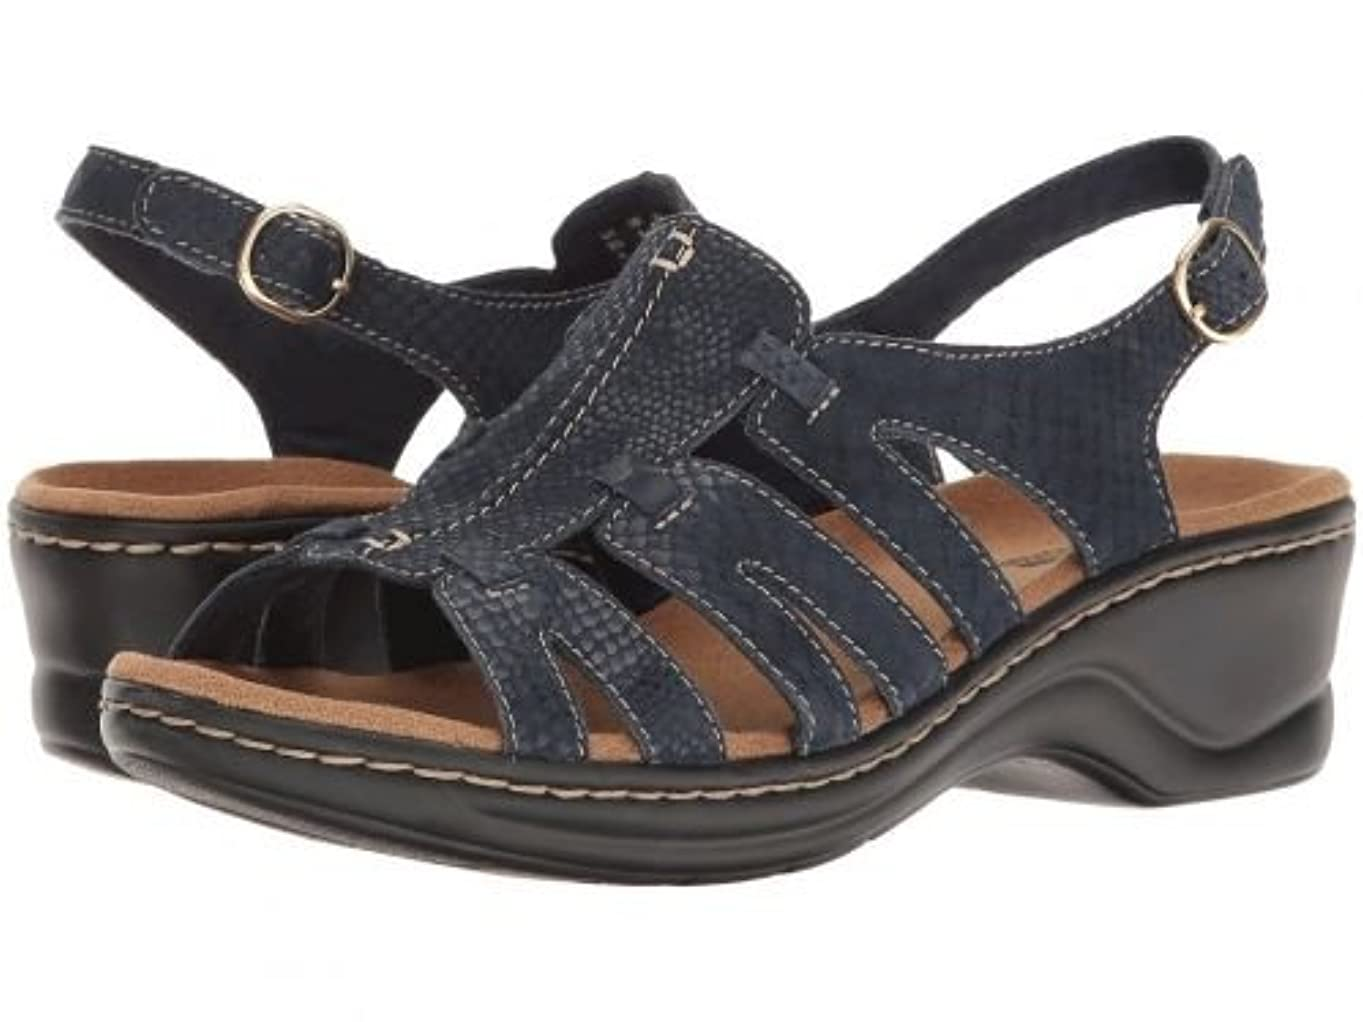 充実悪用見せますClarks(クラークス) レディース 女性用 シューズ 靴 サンダル Lexi Marigold Q - Narrative Navy [並行輸入品]